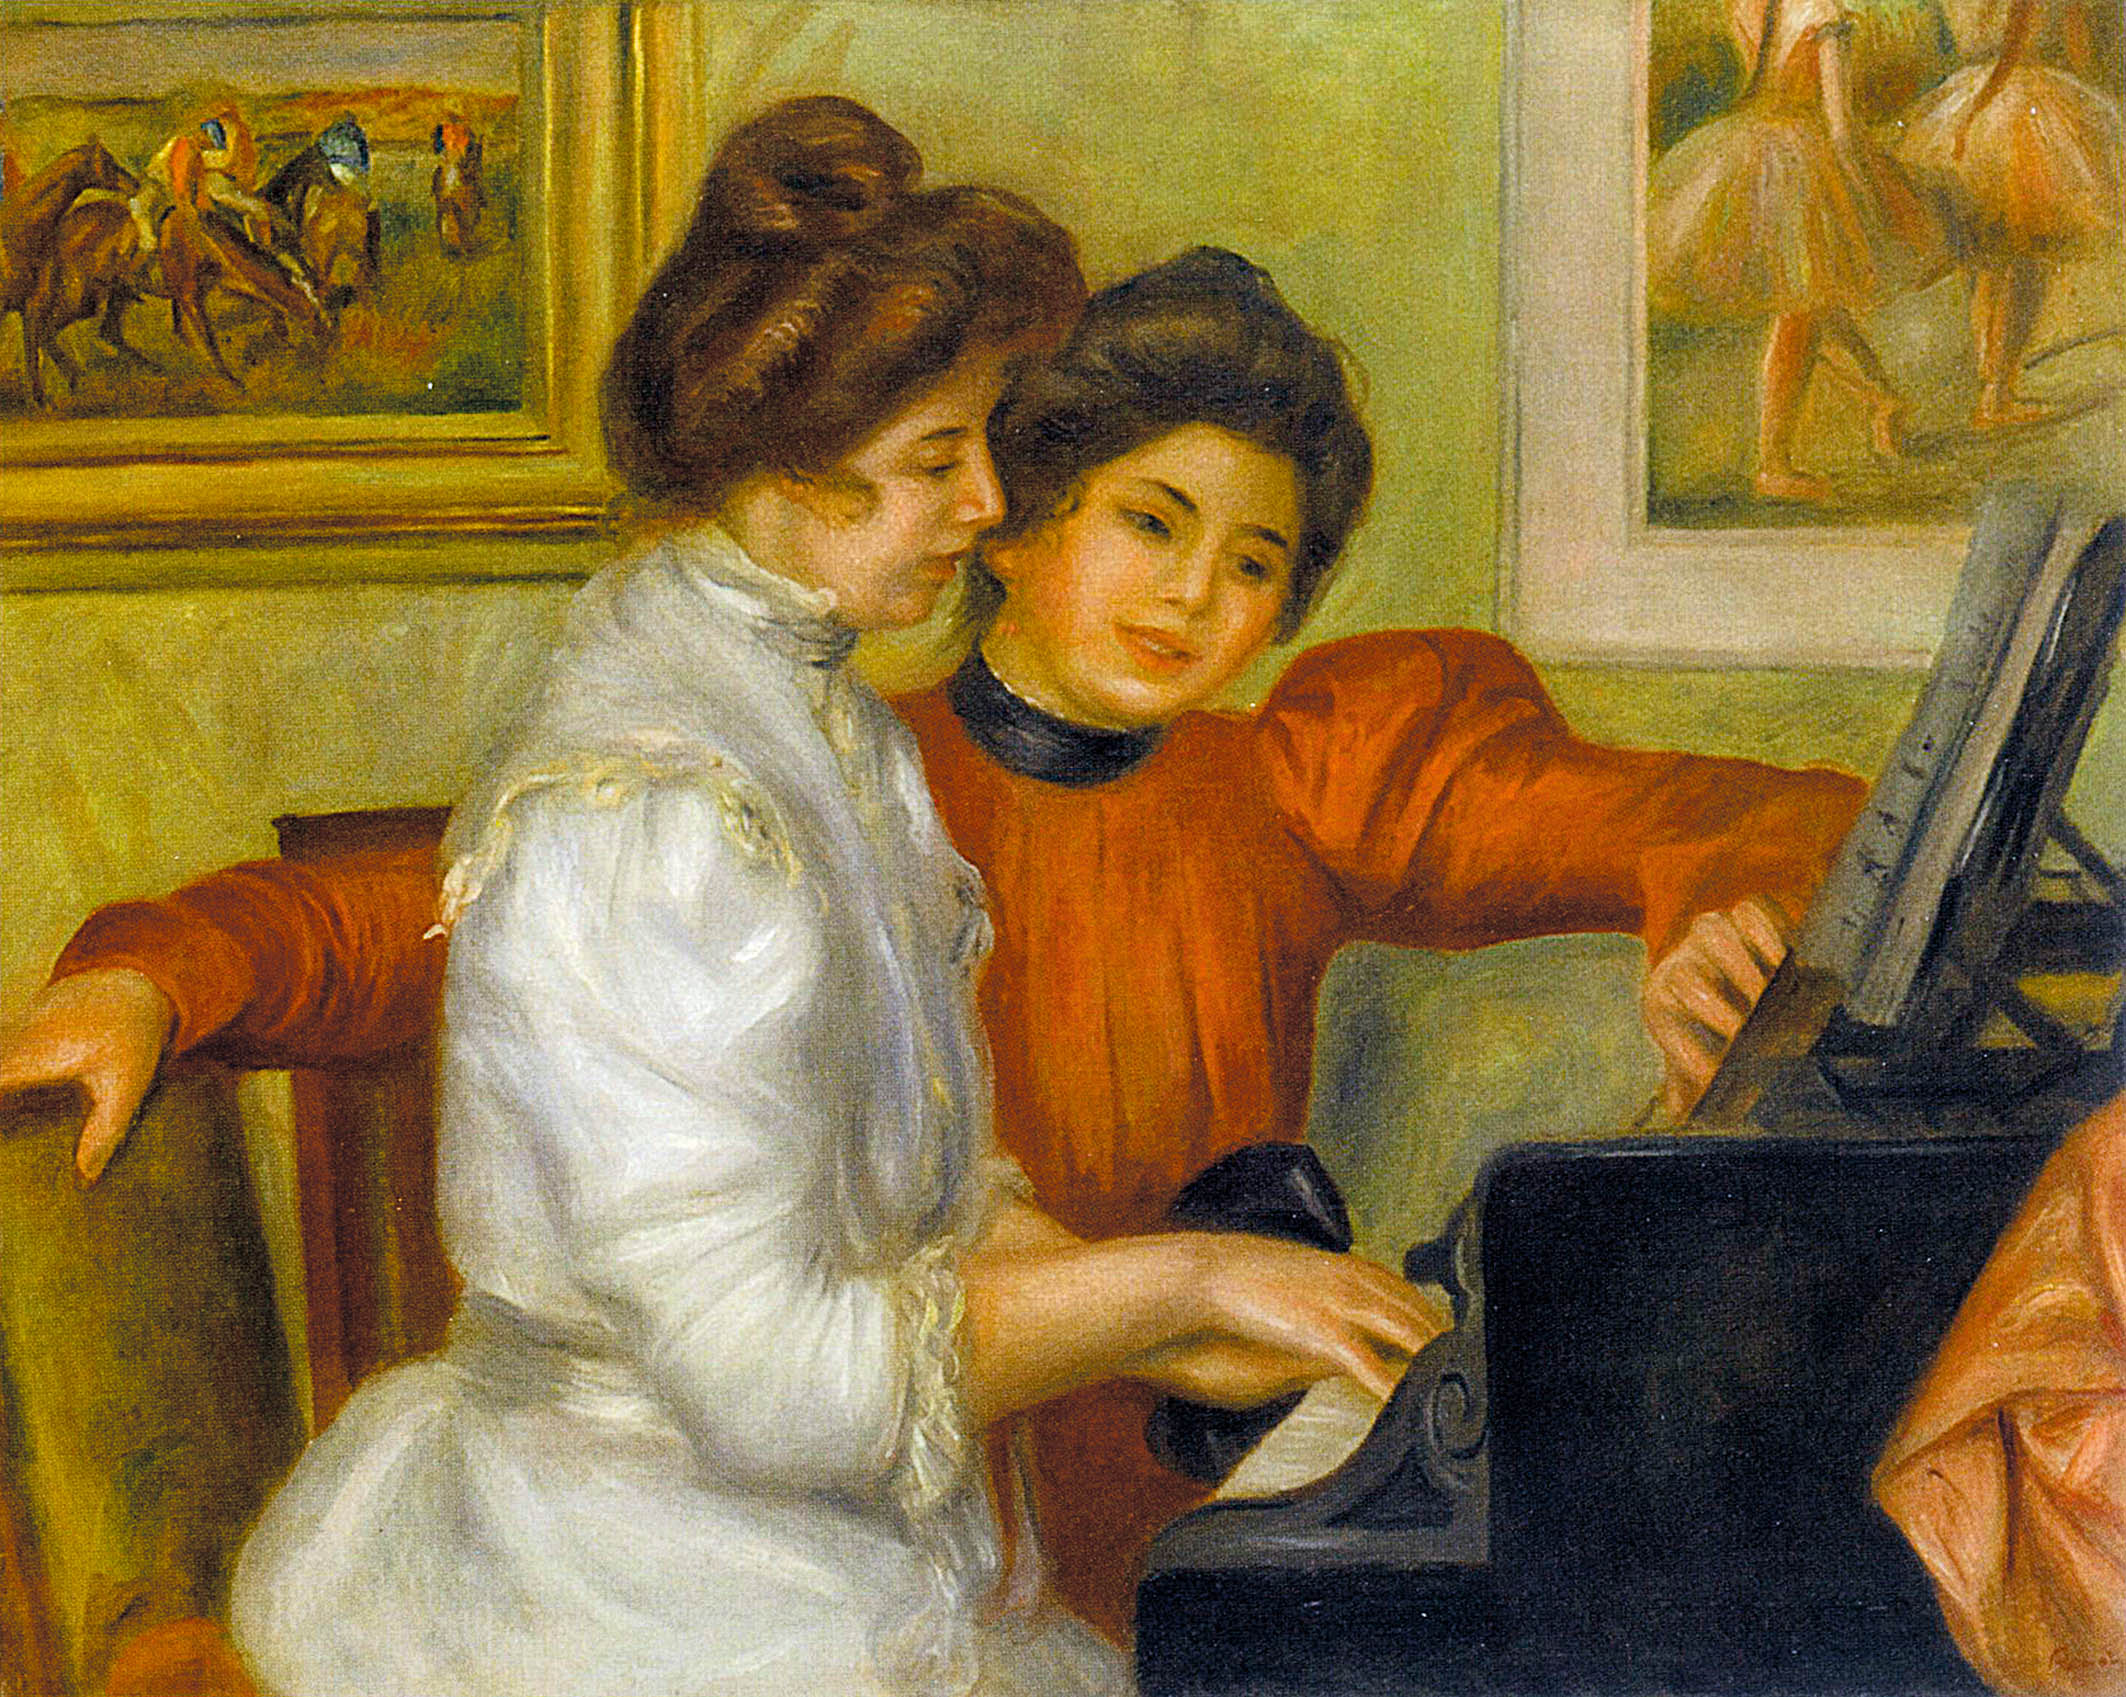 《钢琴边的伊沃娜和克里斯蒂娜》